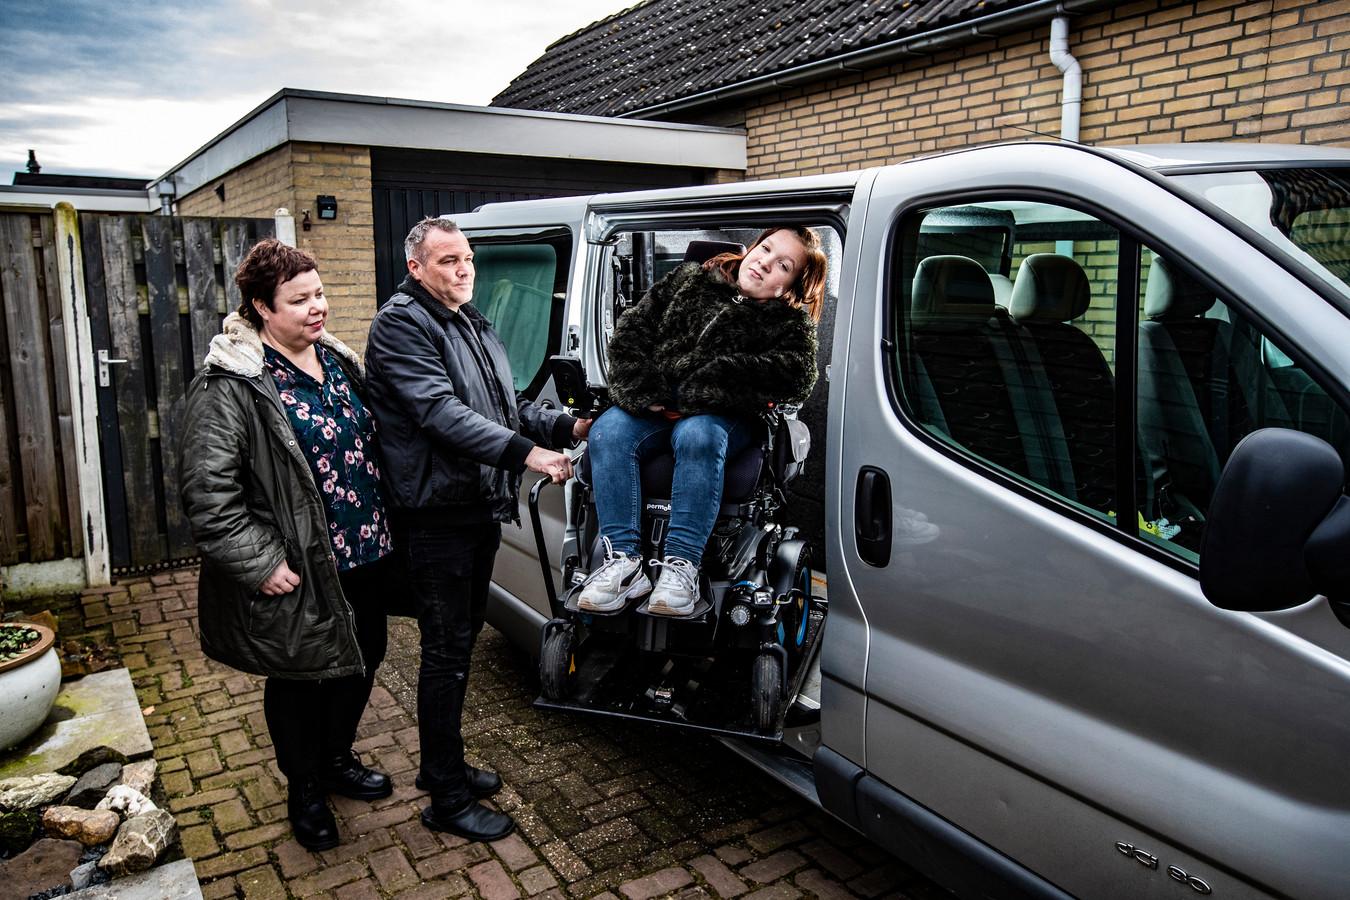 Mirte (15) uit Wesepe kan amper in haar oude en krakkemikkige rolstoelbus komen. Ouders Bianca en Martin Dijkslag zijn een inzameling begonnen voor een nieuwe, grotere bus.